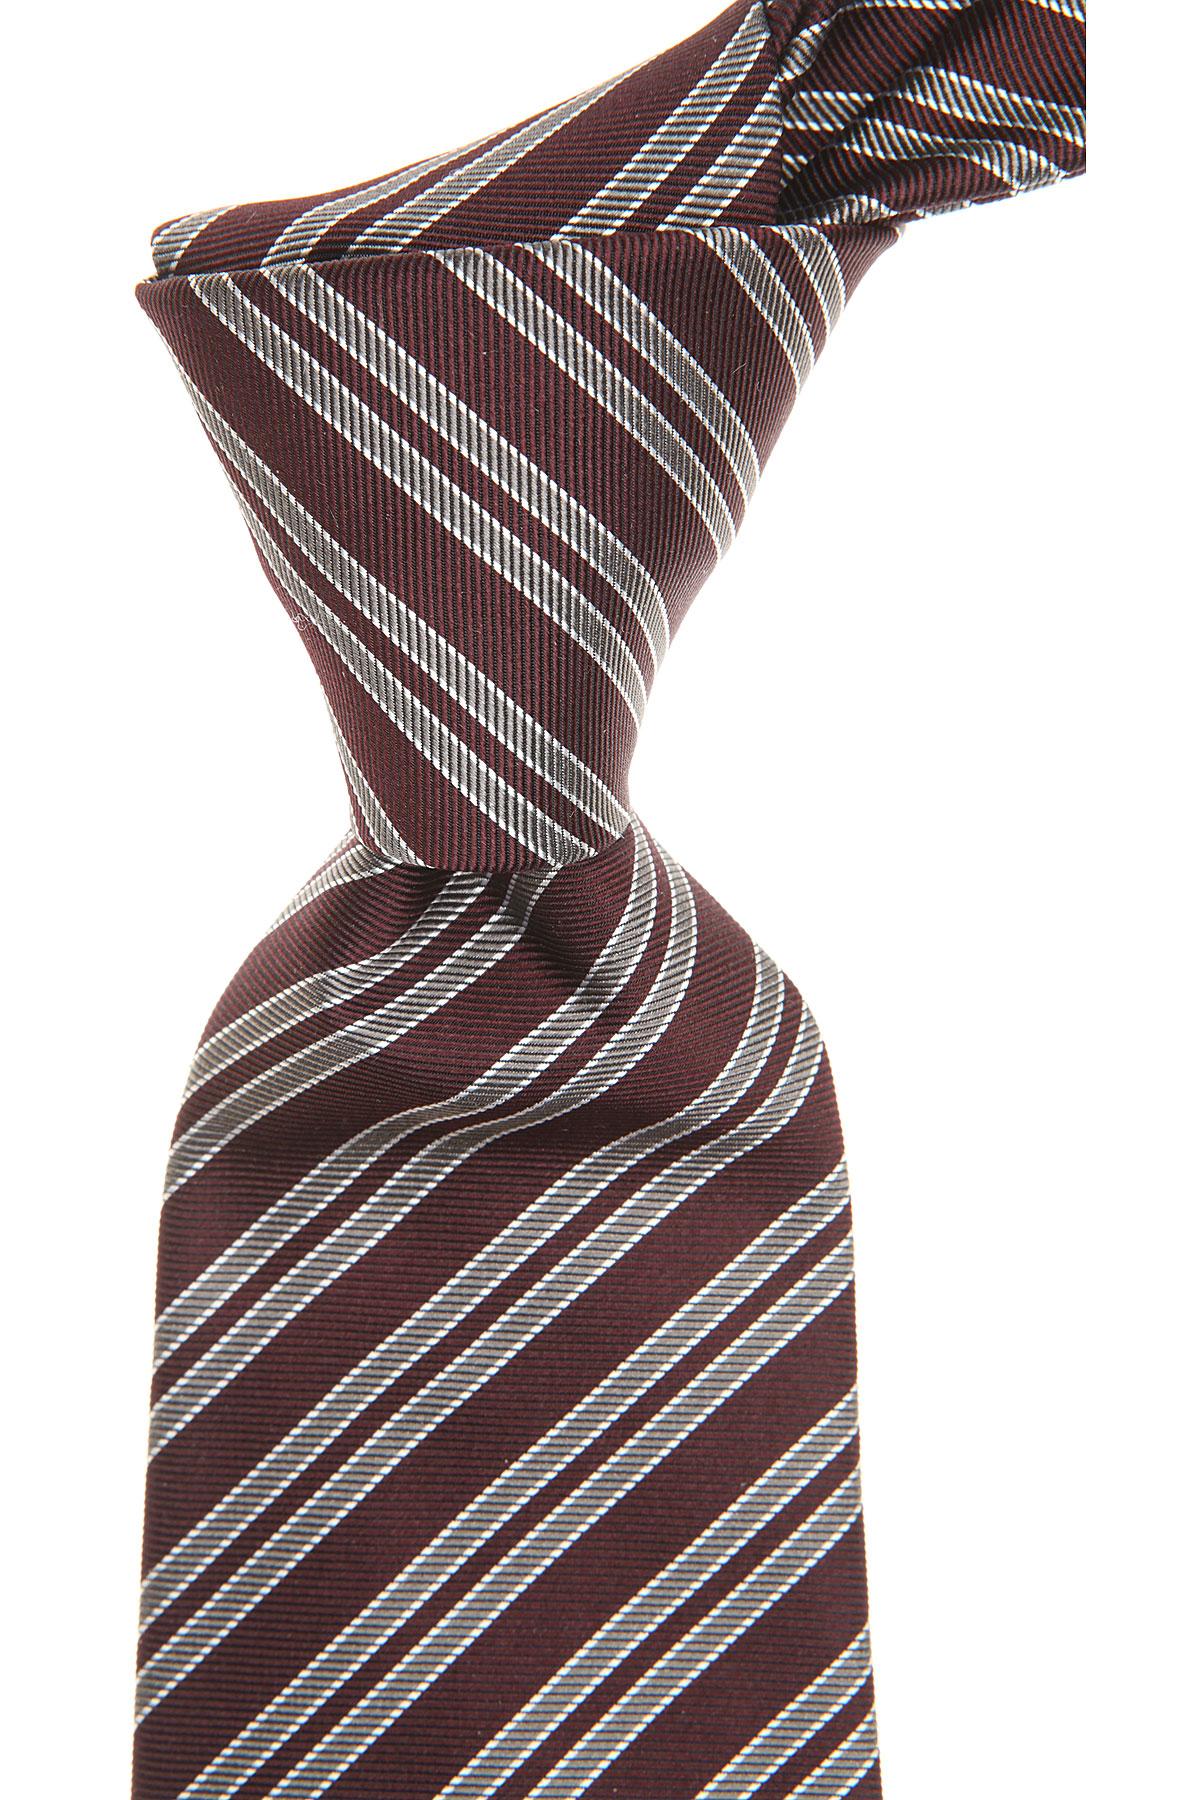 Cravates Christian Dior Pas cher en Soldes, Rouge sang de boeuf, Soie, 2017